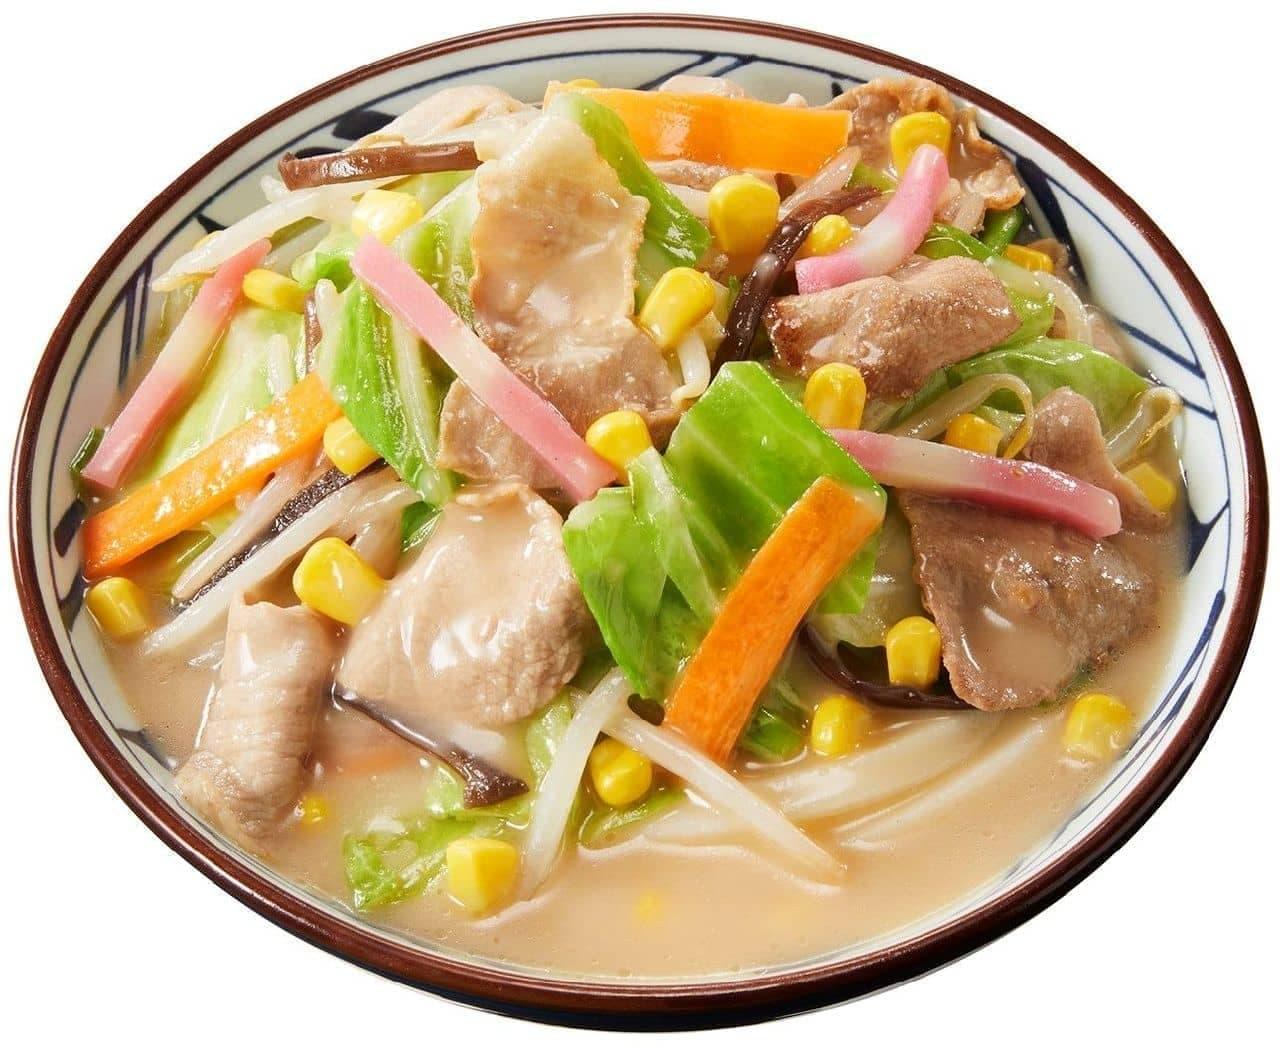 丸亀製麺「豚ちゃんぽんうどん」